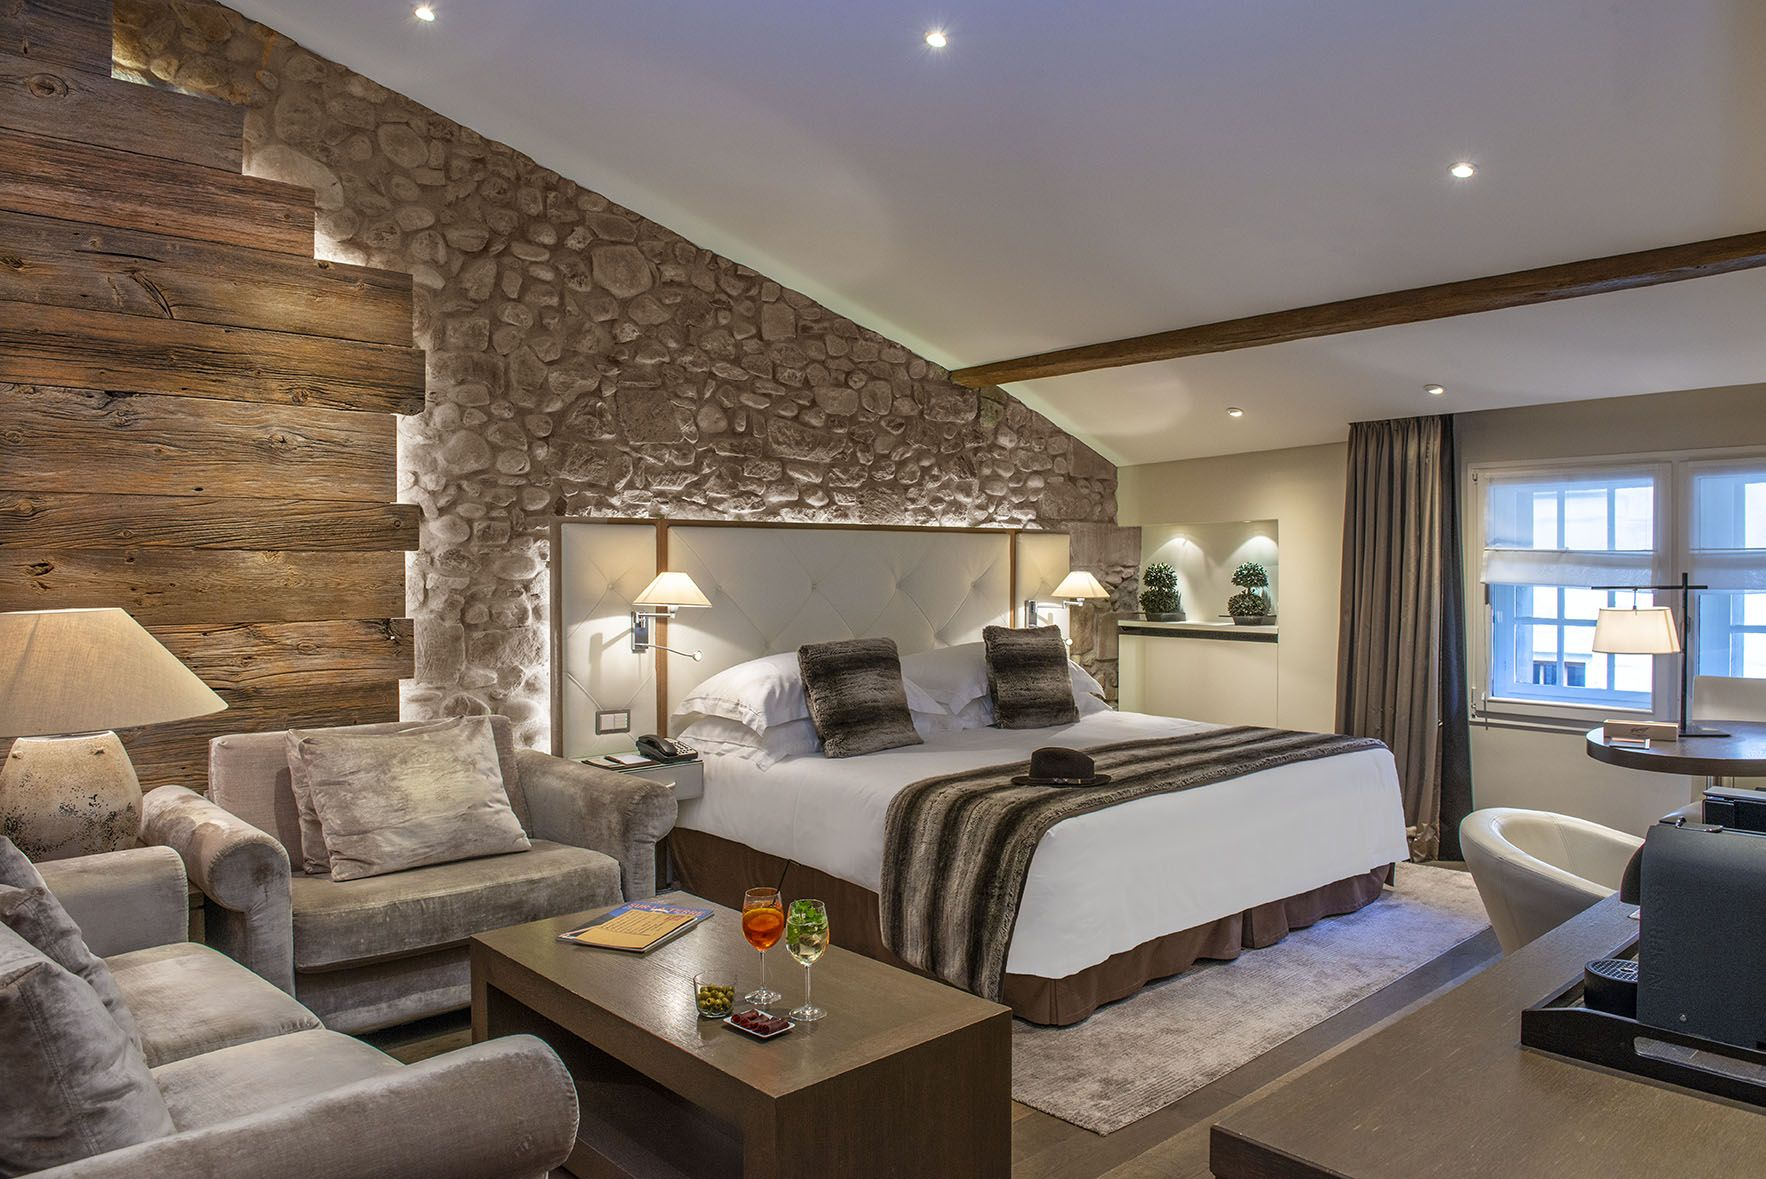 Chambres d\'hôtel suites haut de gamme – Hôtel charme Genève